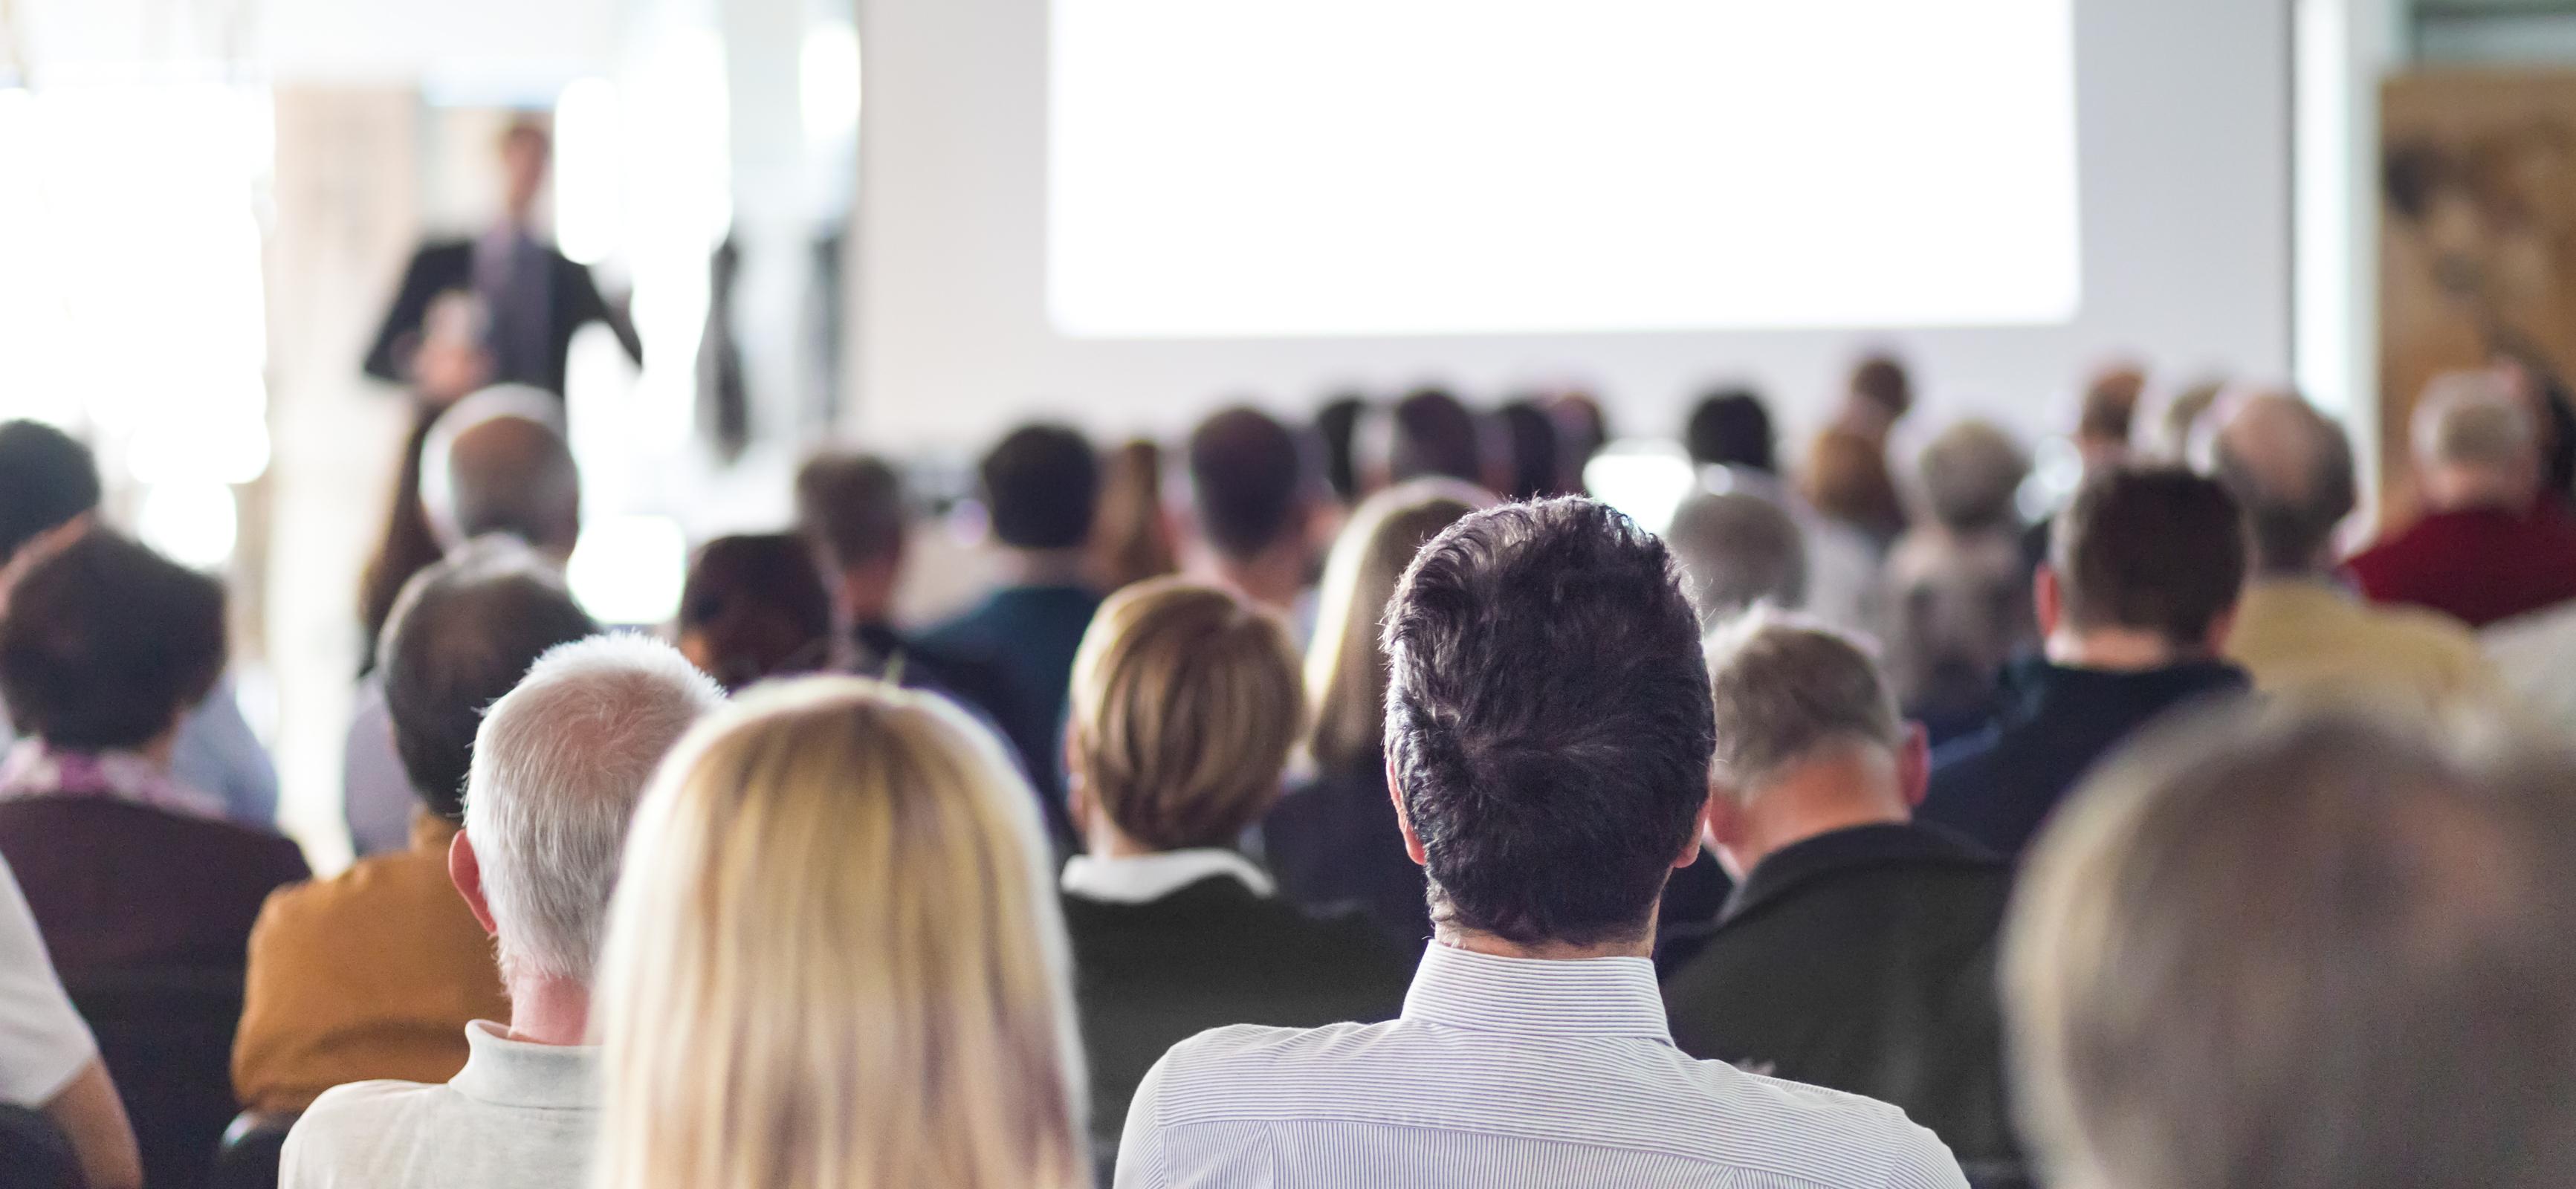 Fatmir håller i en konferens